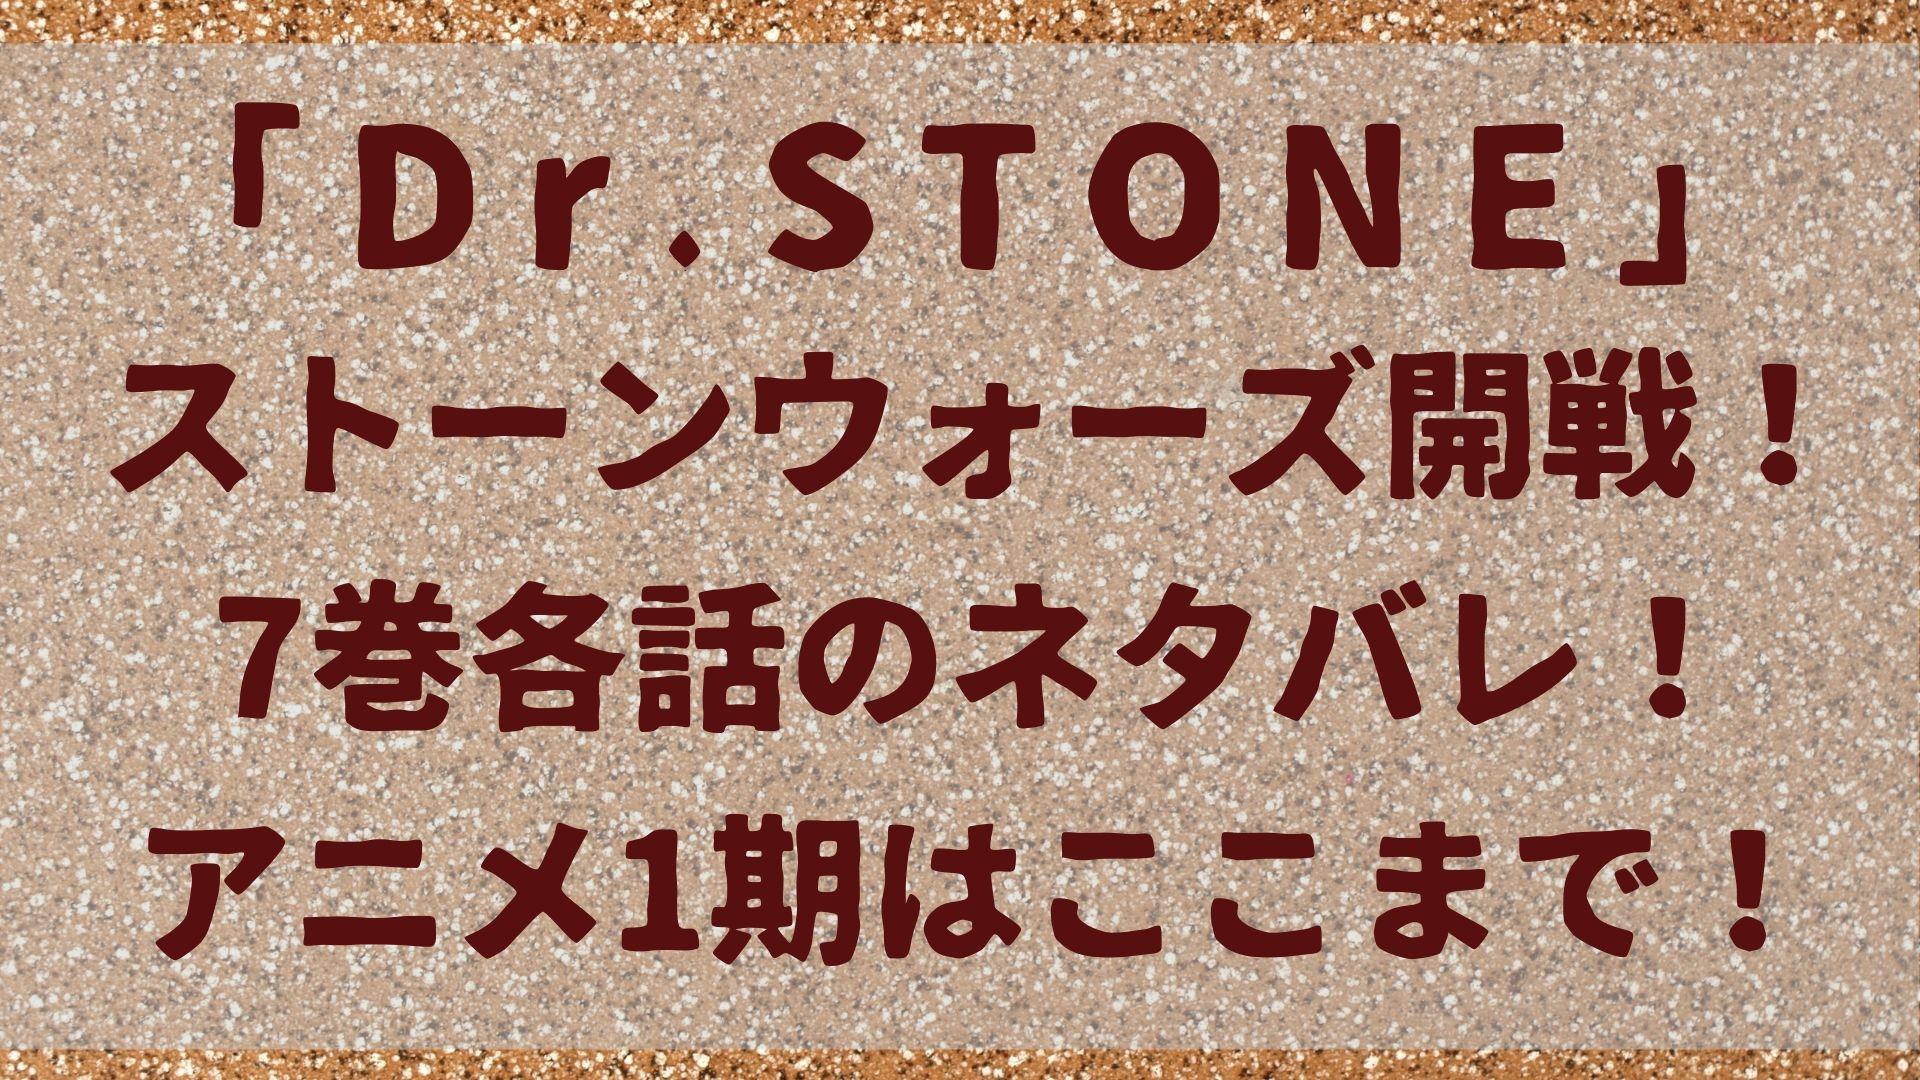 Dr.Stone「ドクターストーン」ストーンウォーズ開戦!7巻各話のネタバレ!アニメ1期はここまで!